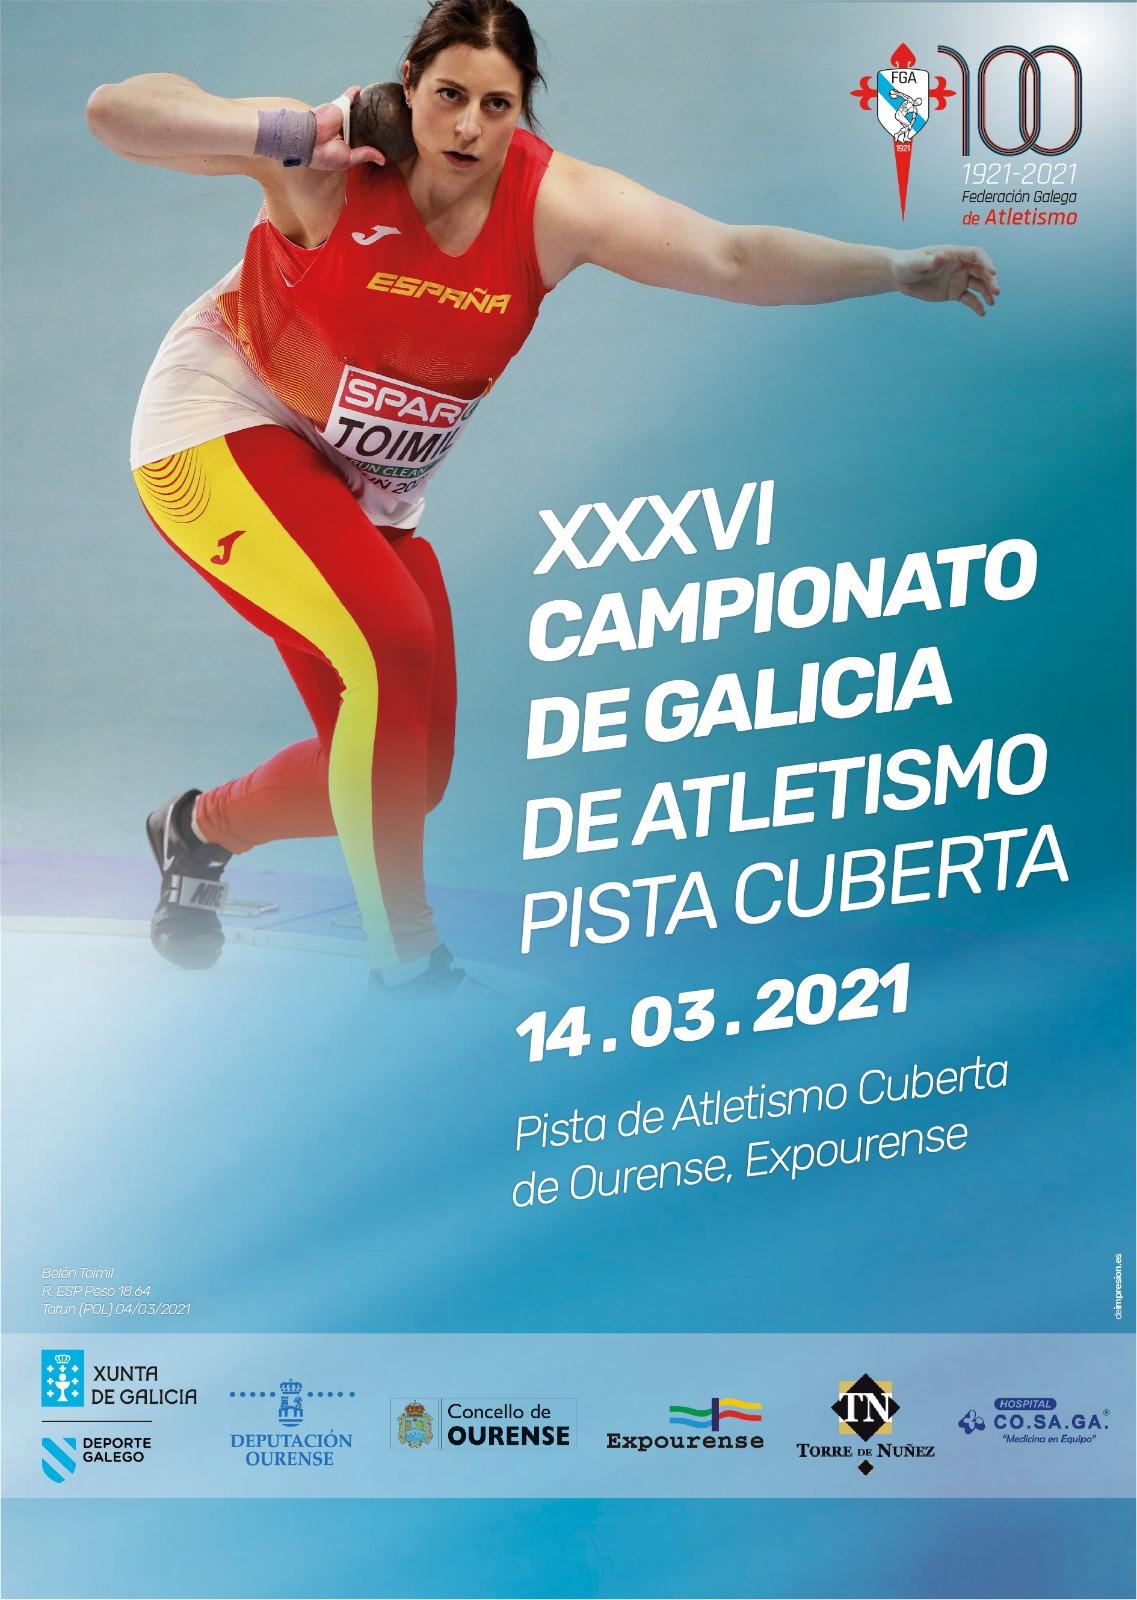 Belén Toimil foi a imaxe promocional do XXXVI Campionato de Galicia de Atletismo en PIsta Cuberta / FGA